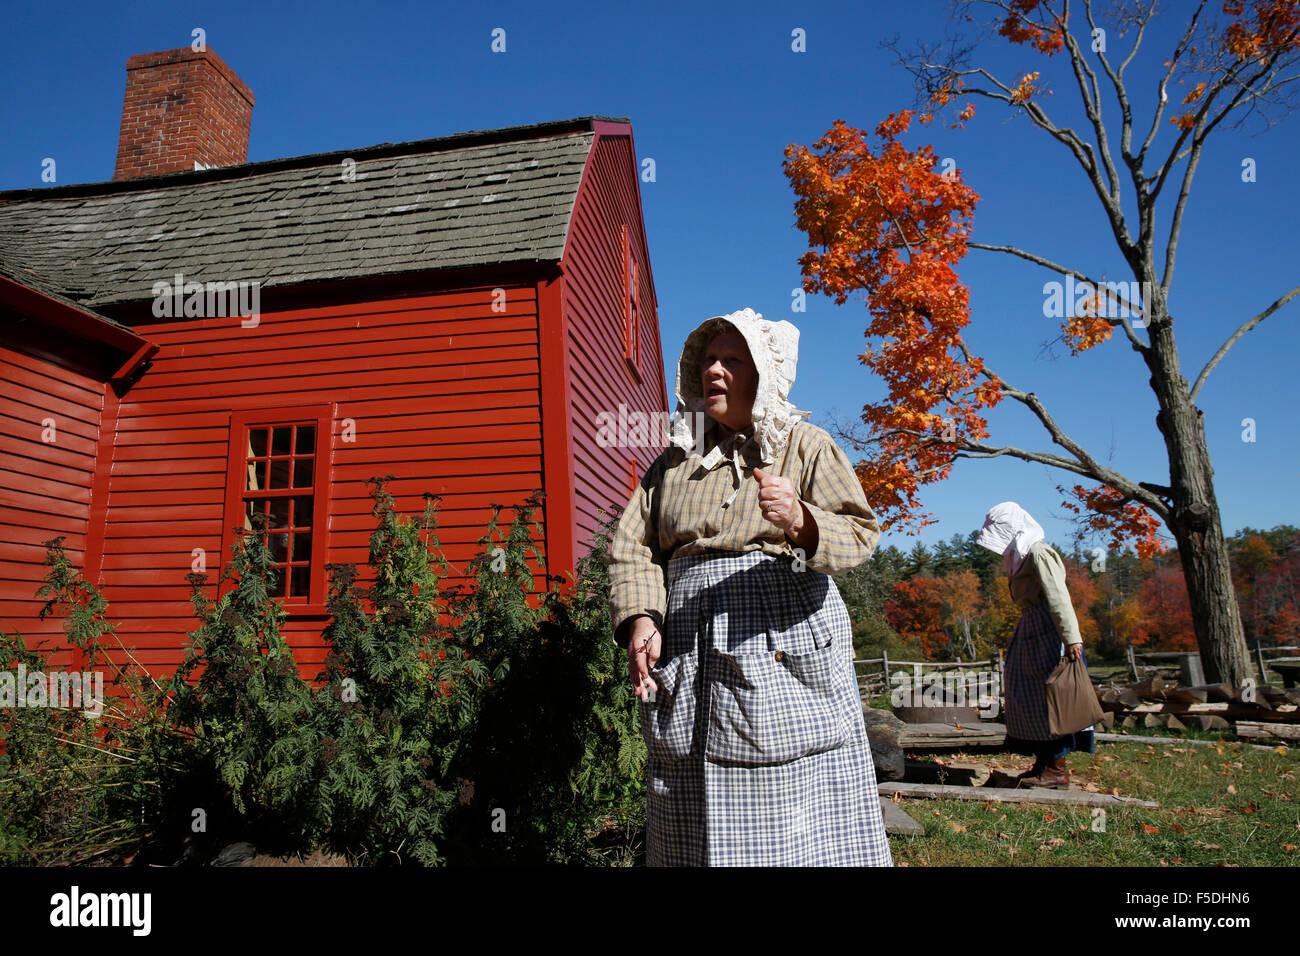 Costumed Interpreters, Old Sturbridge Village, Sturbridge, Massachusetts - Stock Image